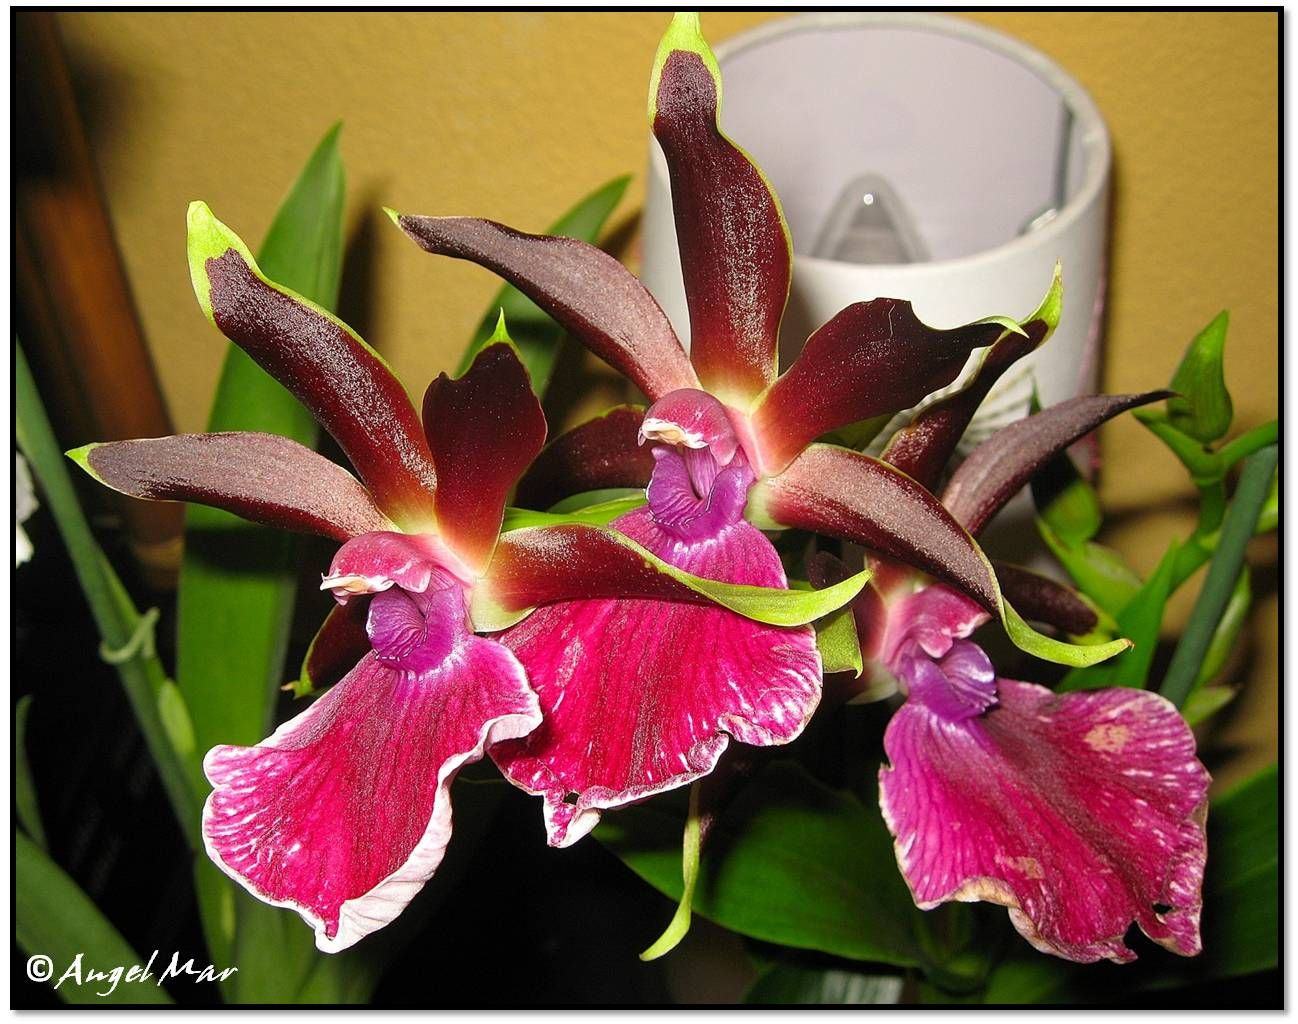 Orquídeas Blog de Angel Mar: Zygopetalum (Una de las orquídeas más fragantes)